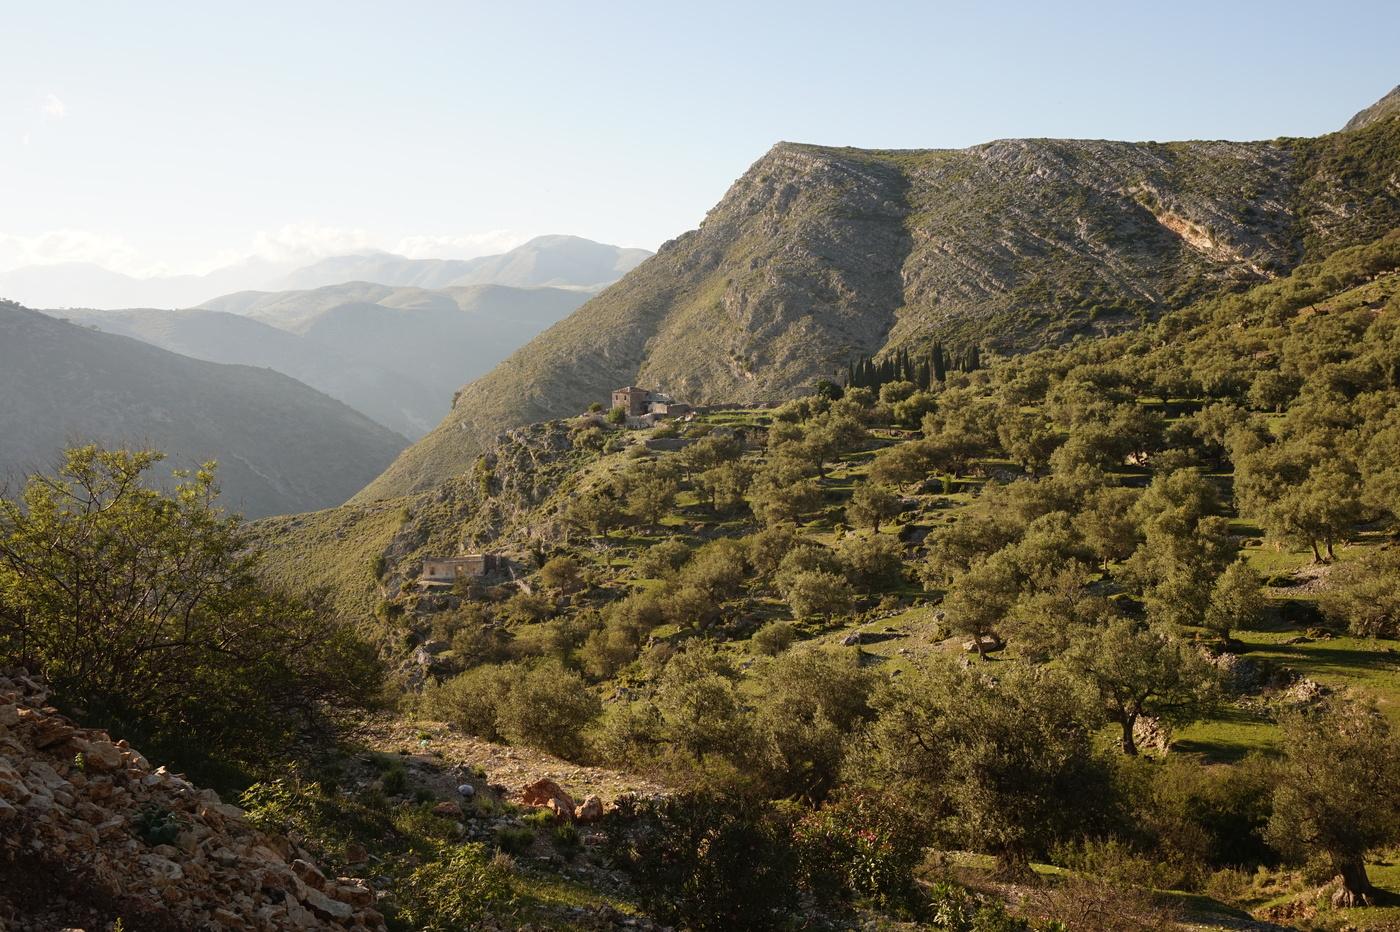 Montagnes et vallée Qeparo